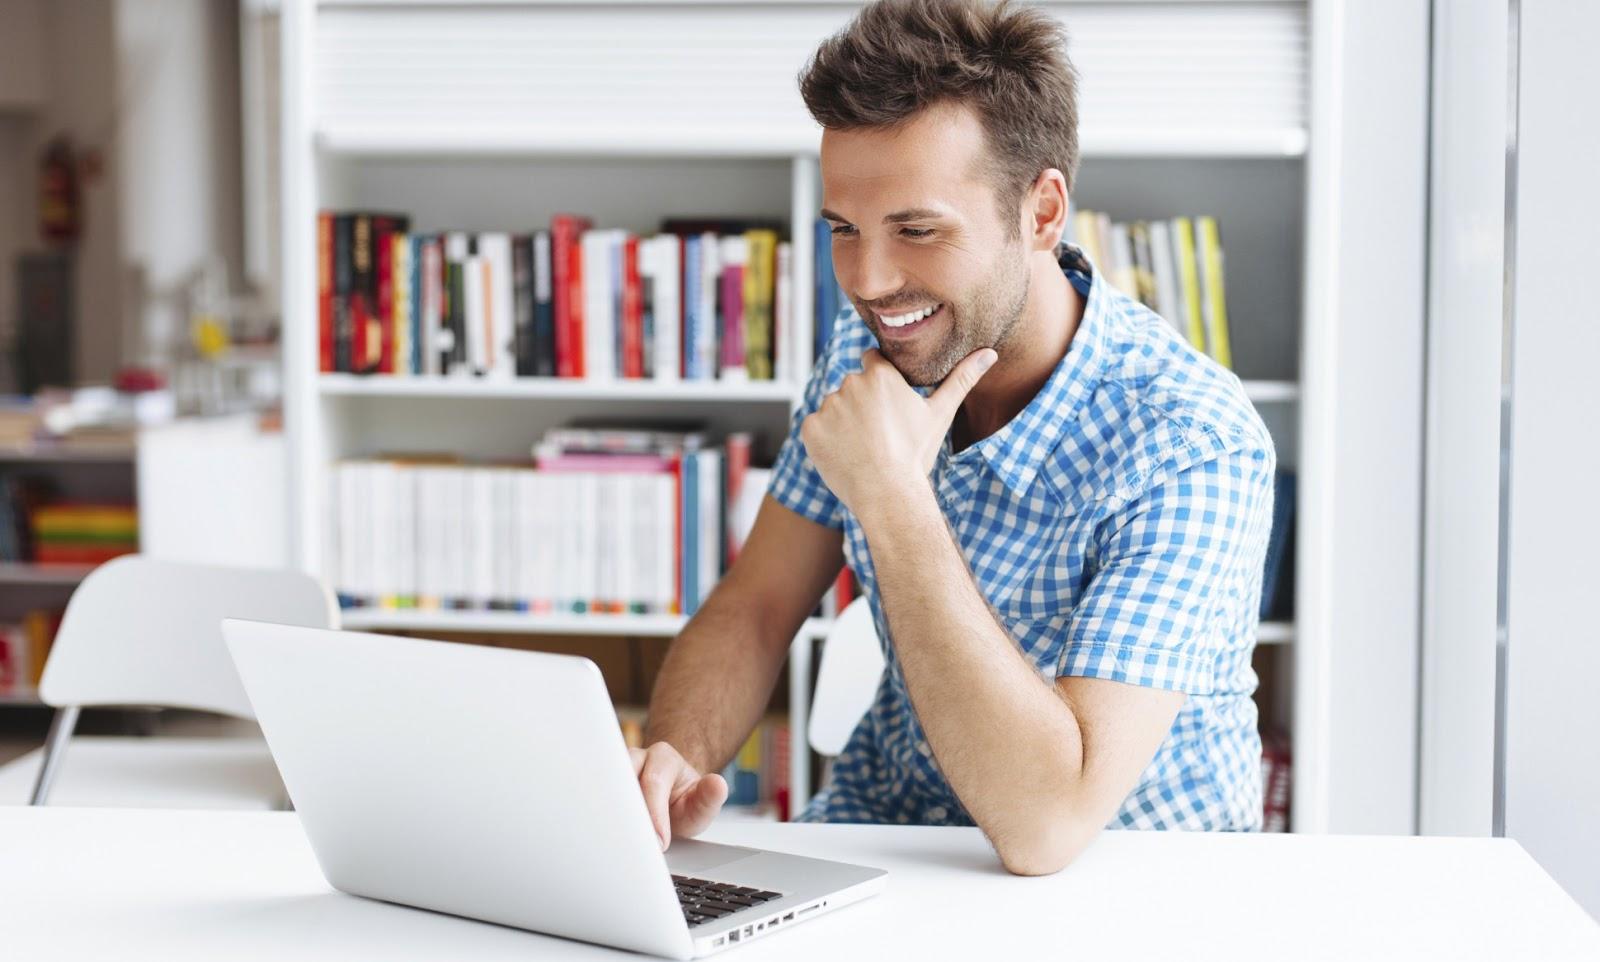 Unimestre libera acesso gratuito para clientes na Universidade Corporativa